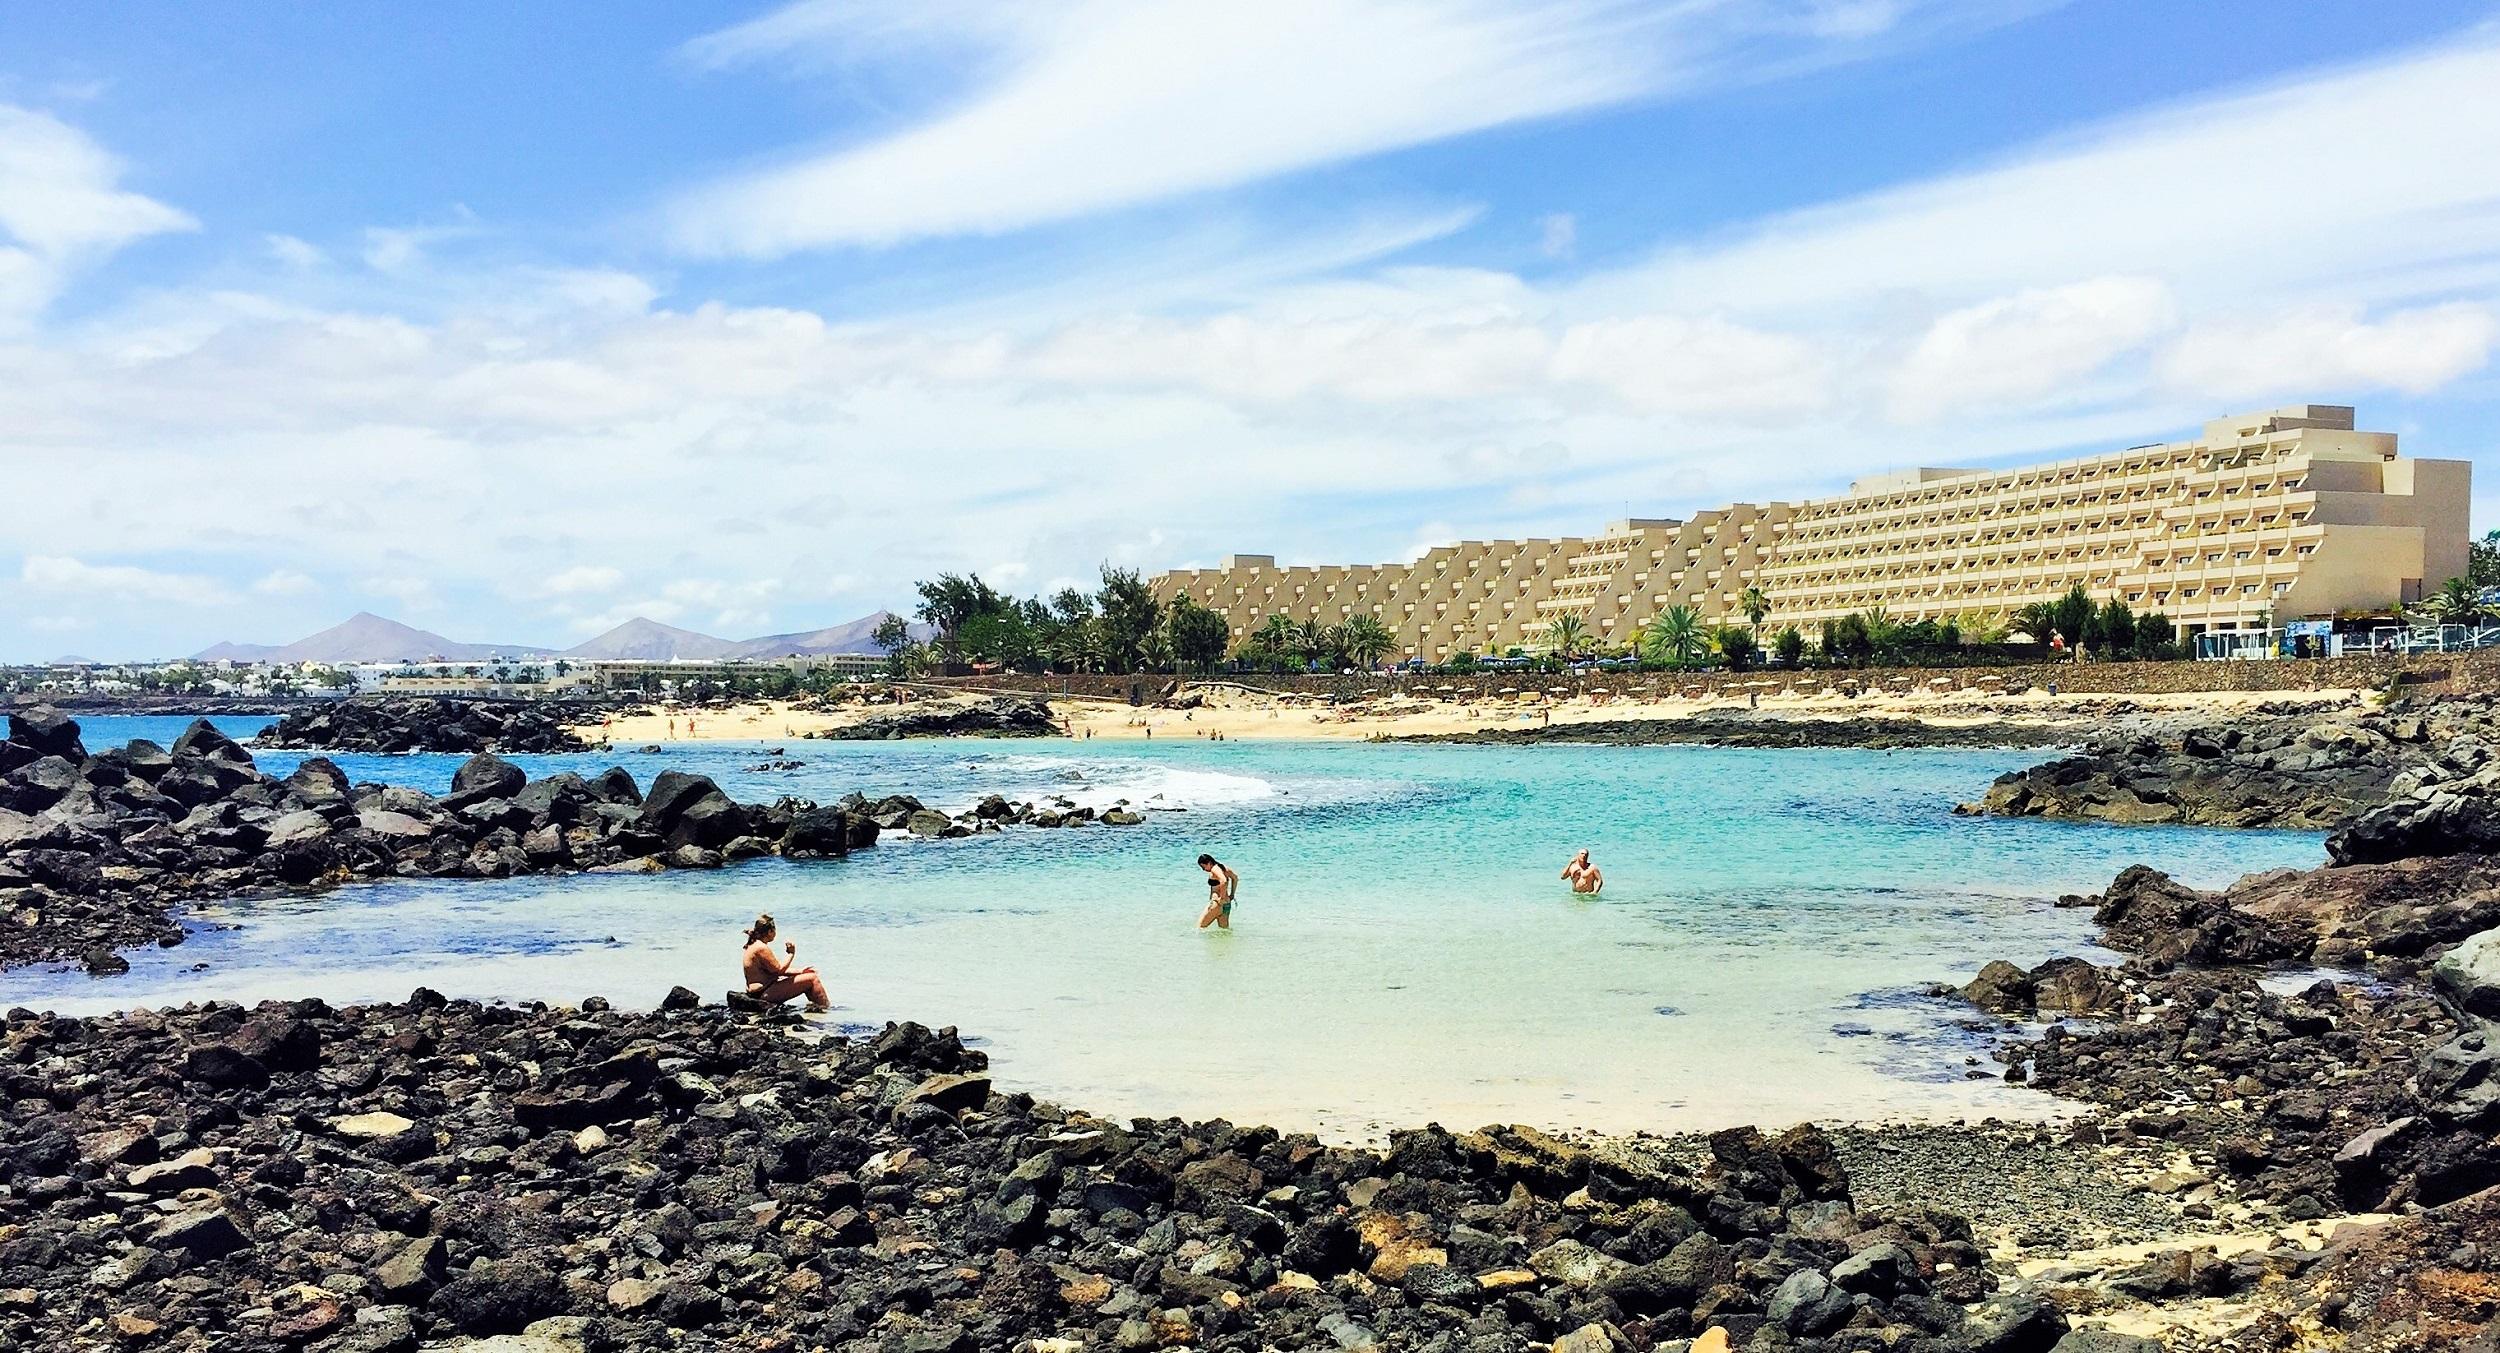 Playa El Jablillo Costa Teguise Lanzarote